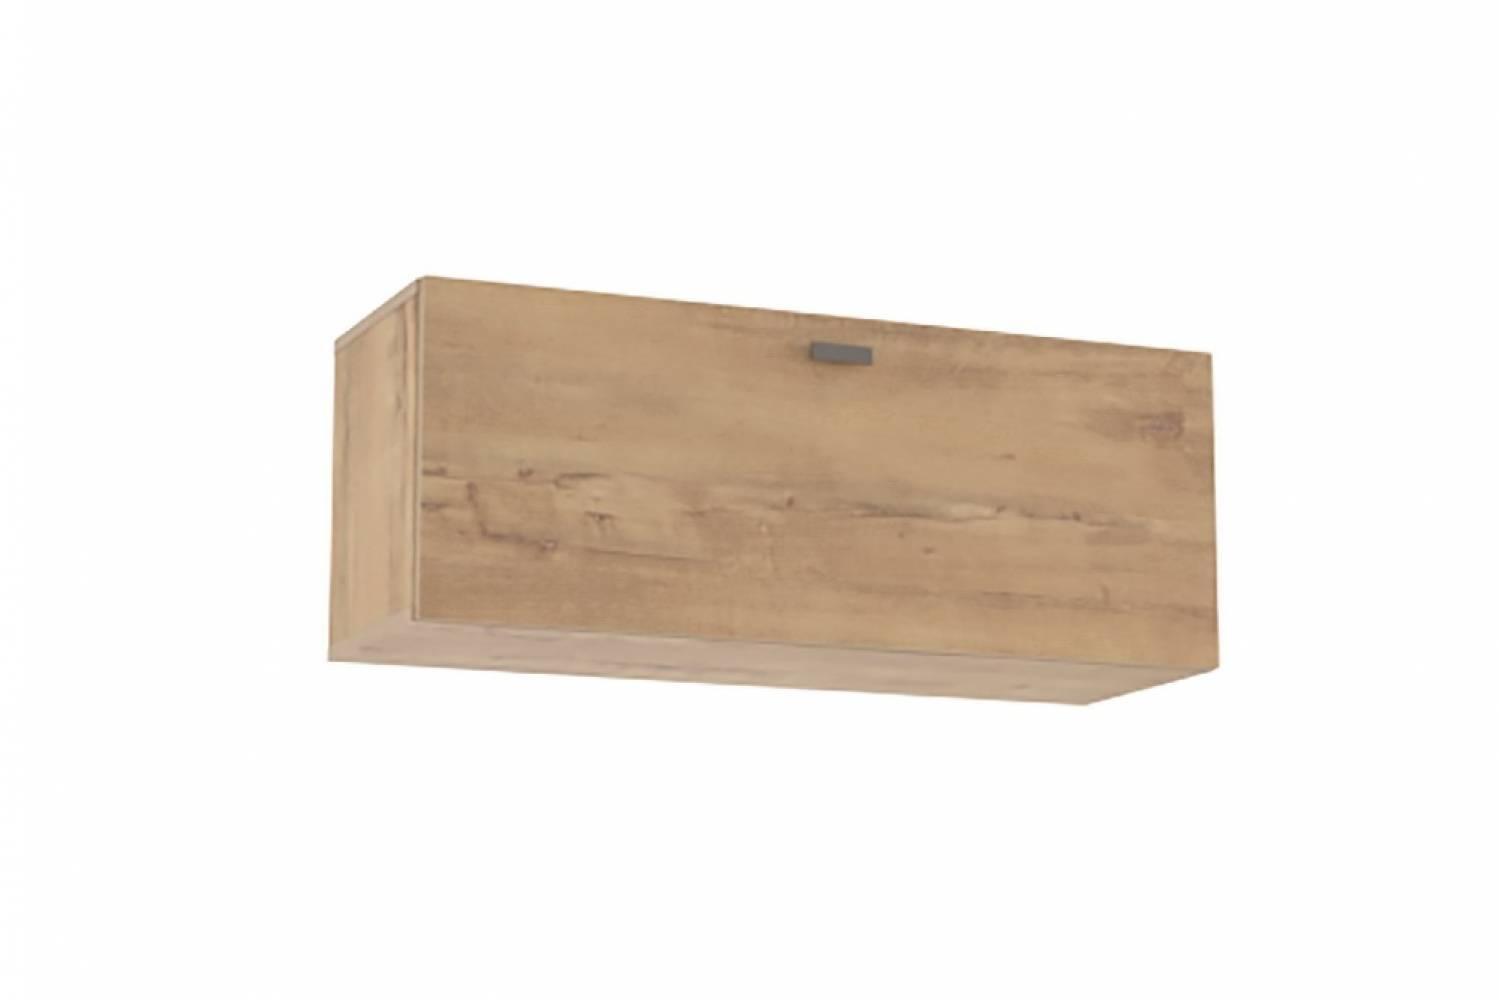 Шкаф навесной (открывание вниз) НМ 014.21-01 SNOW WOOD (Дуб Бунратти)